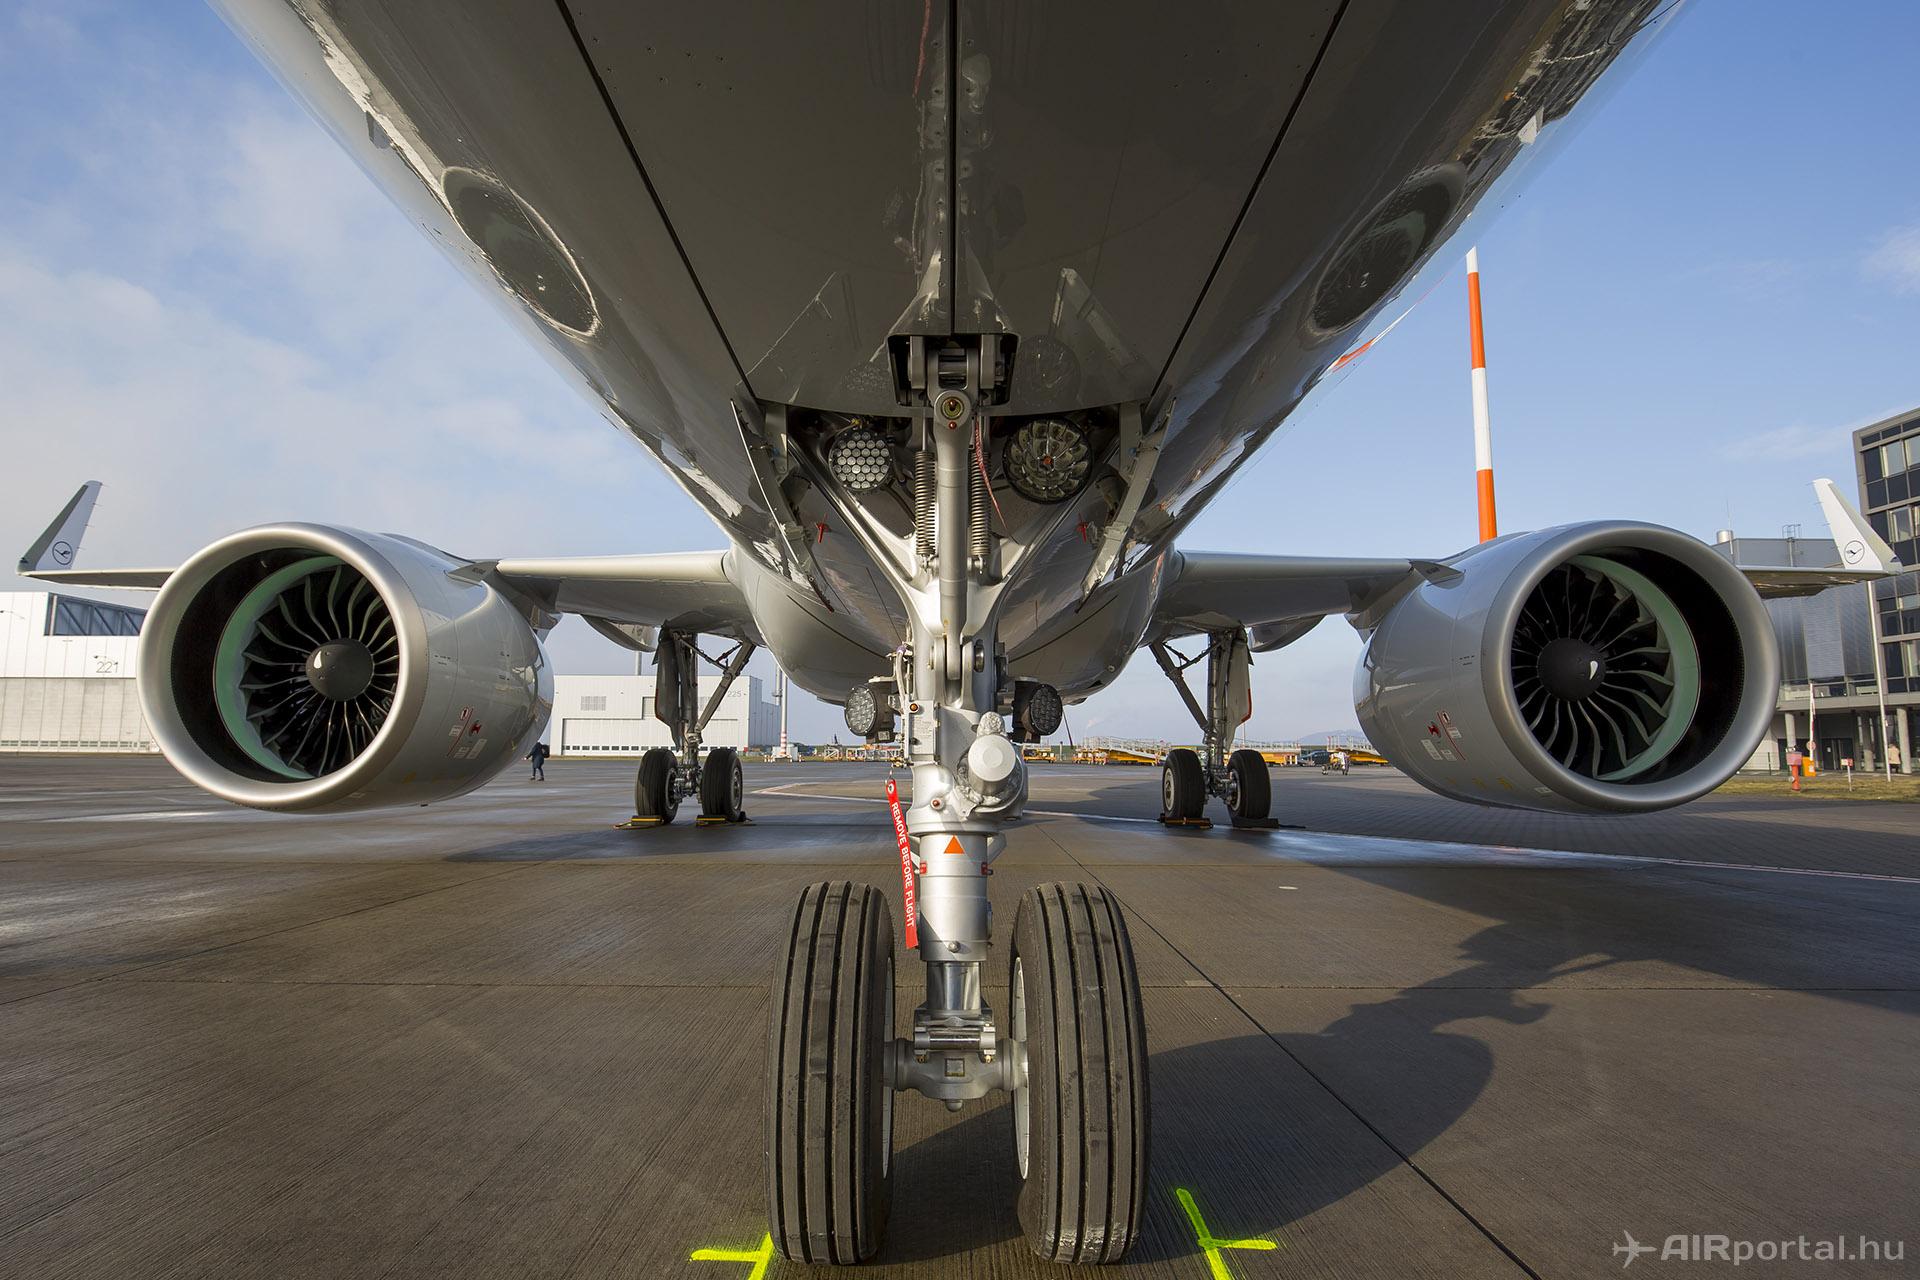 Hatalmas hajtóművek és sharkletek az A320neo különös ismertető jelei. | © AIRportal.hu